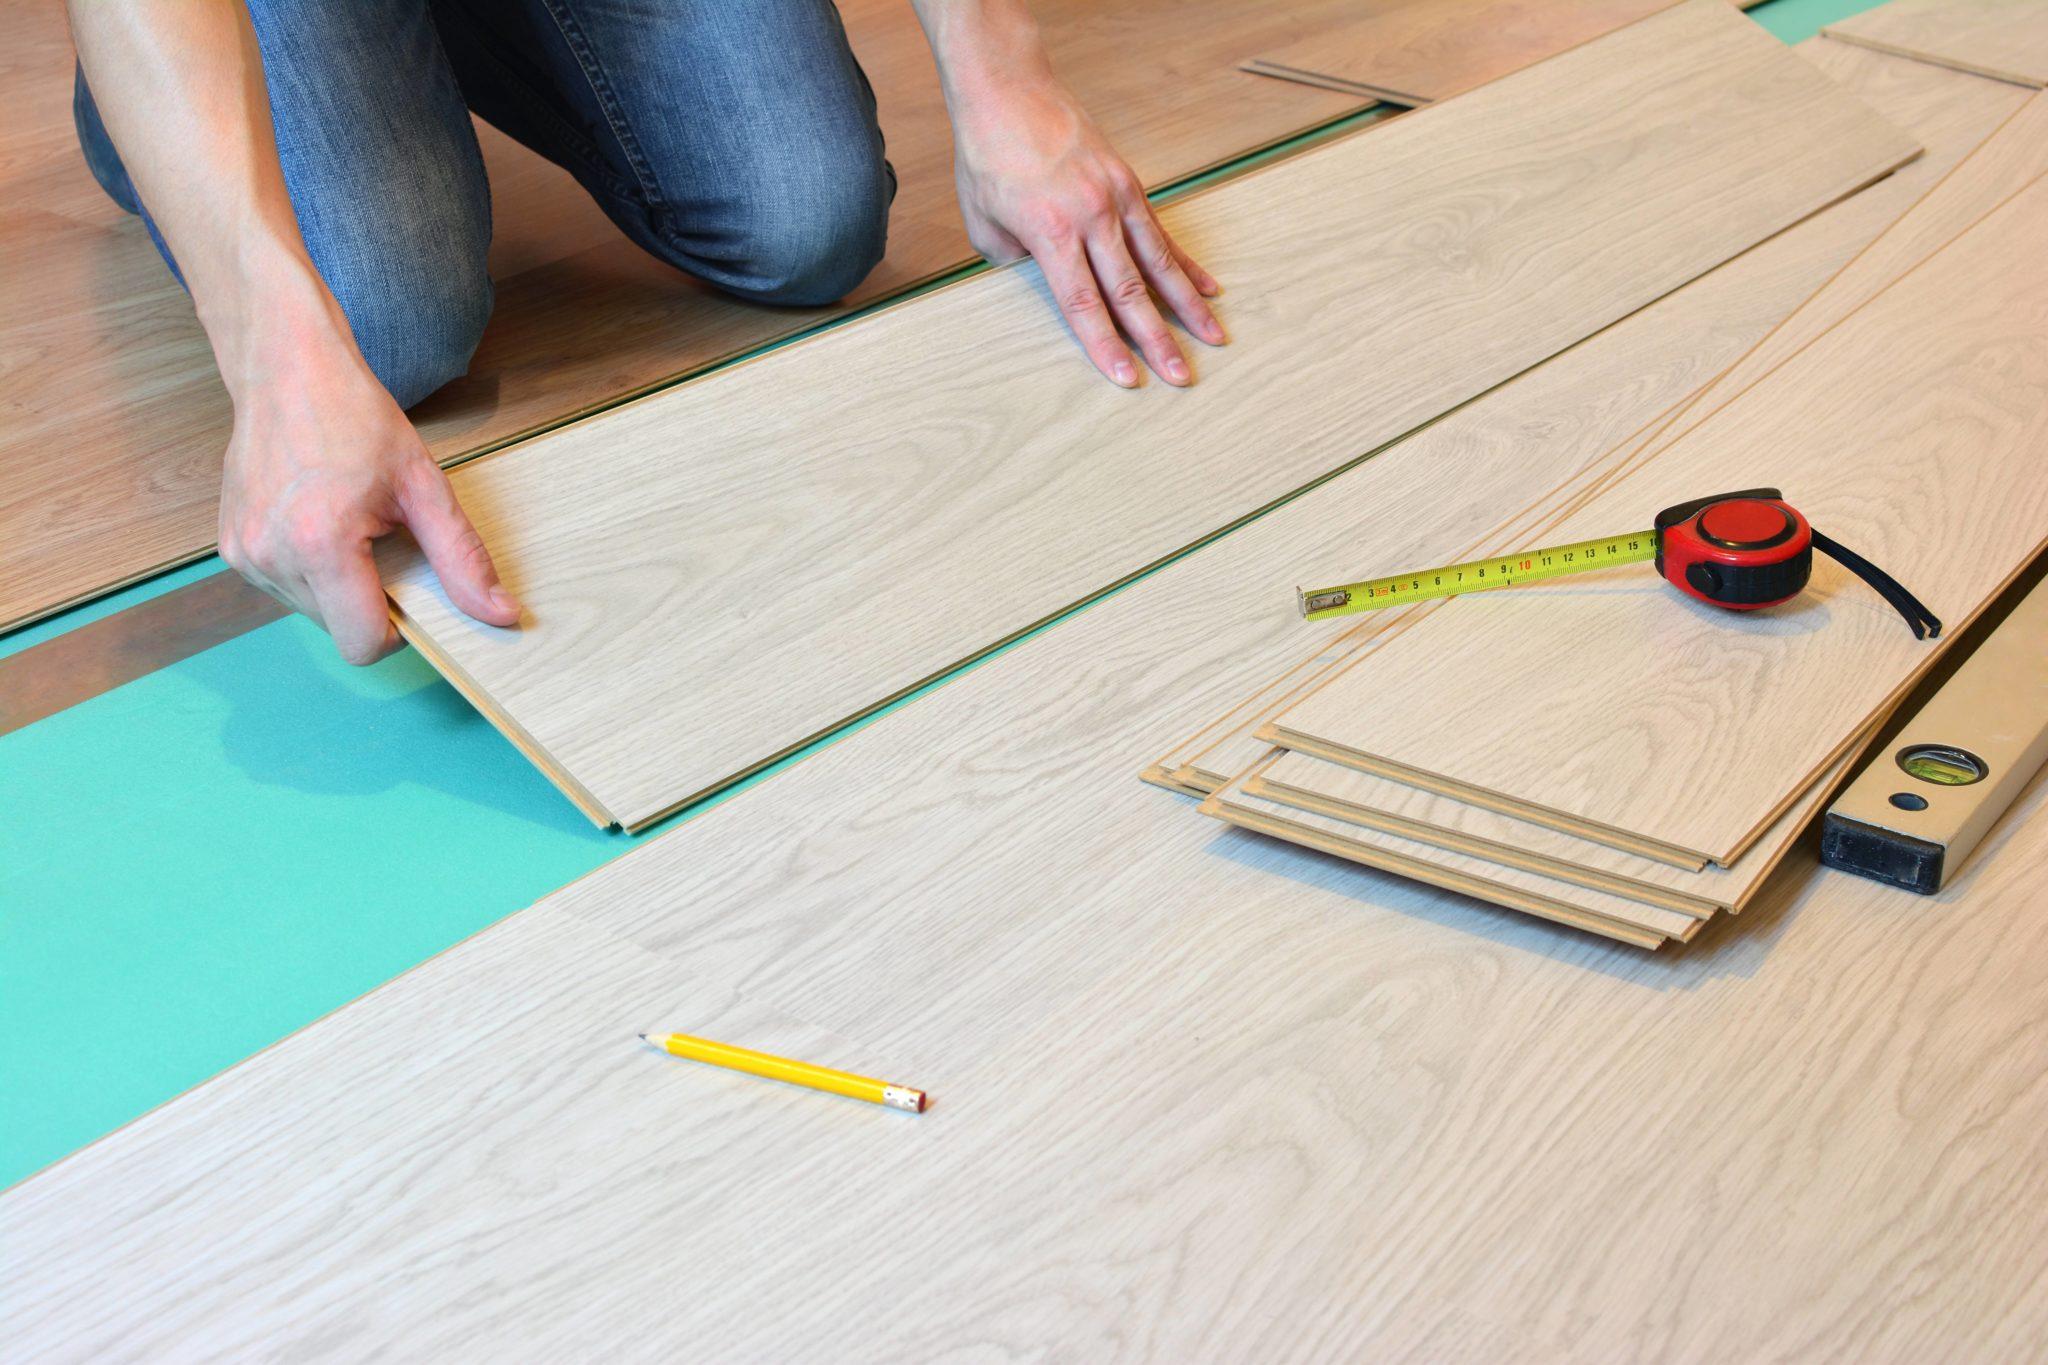 floor, laminate, DIY